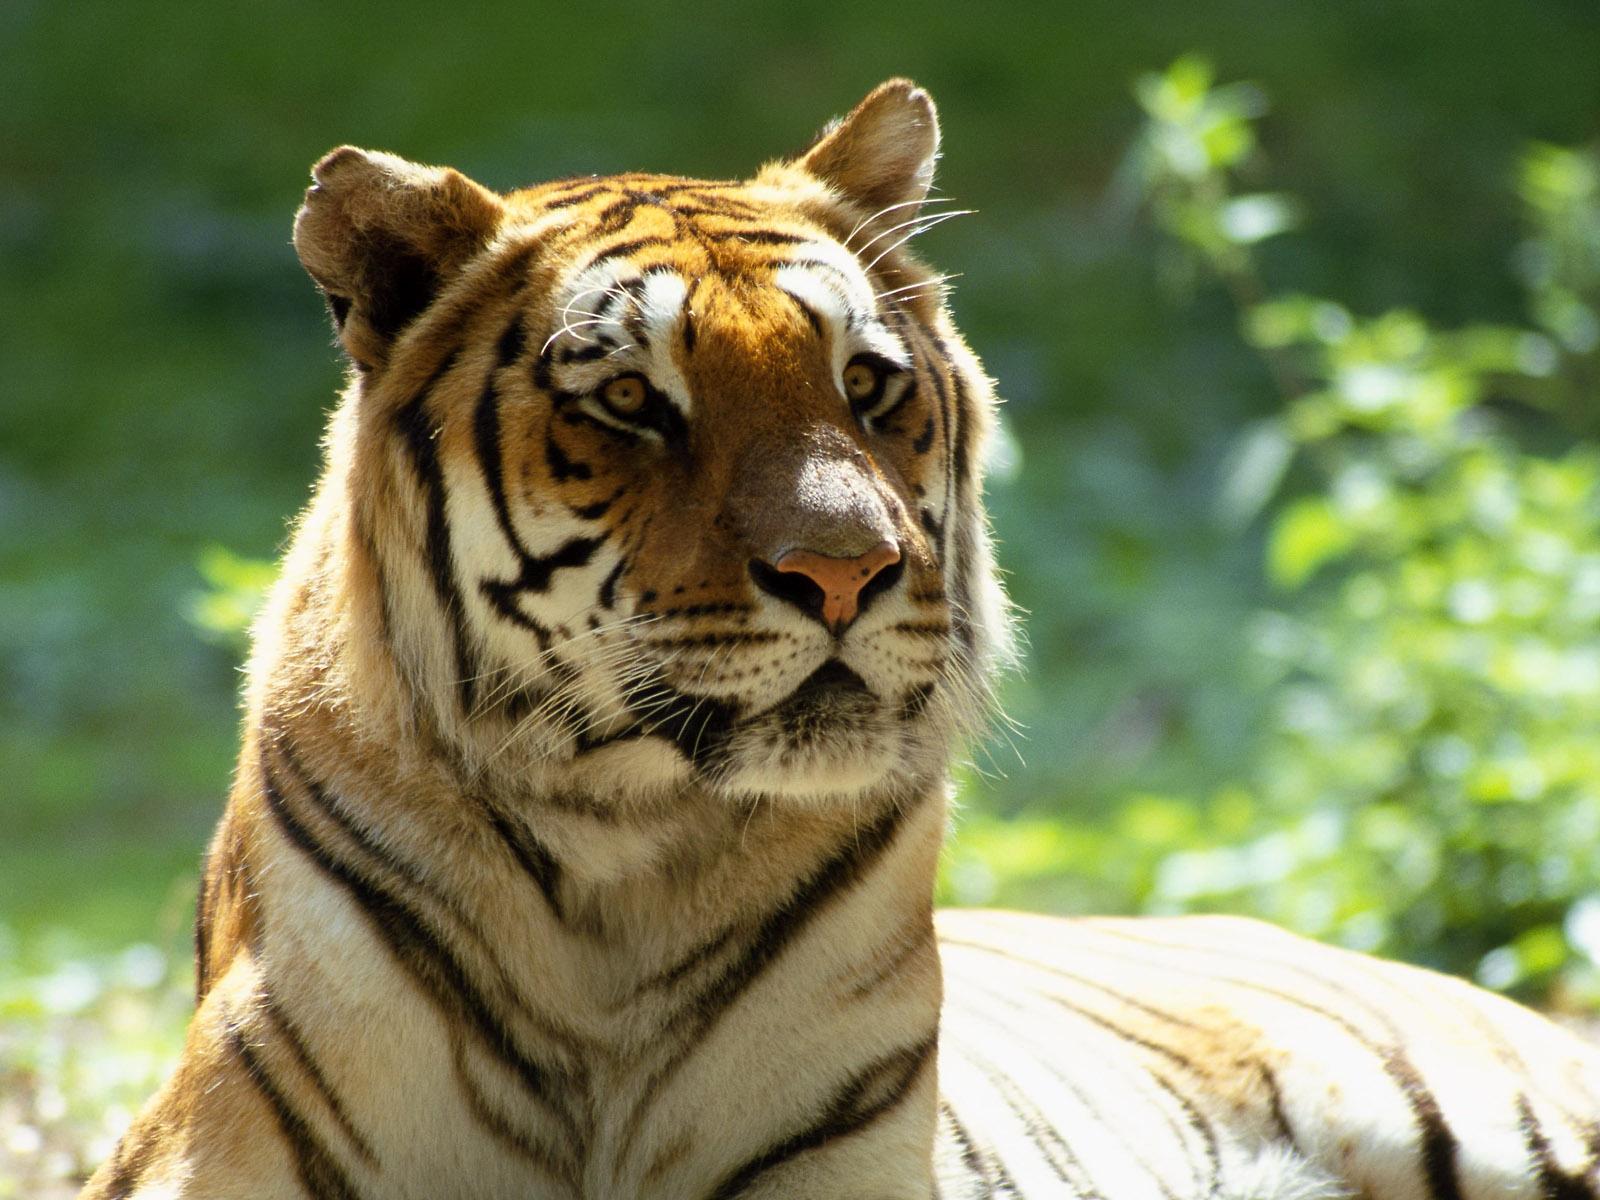 http://1.bp.blogspot.com/_Zw41kxI2akg/S6zxZ8_PjsI/AAAAAAAACEE/lPA3yNT8laQ/s1600/Animale+Tigru+.jpg